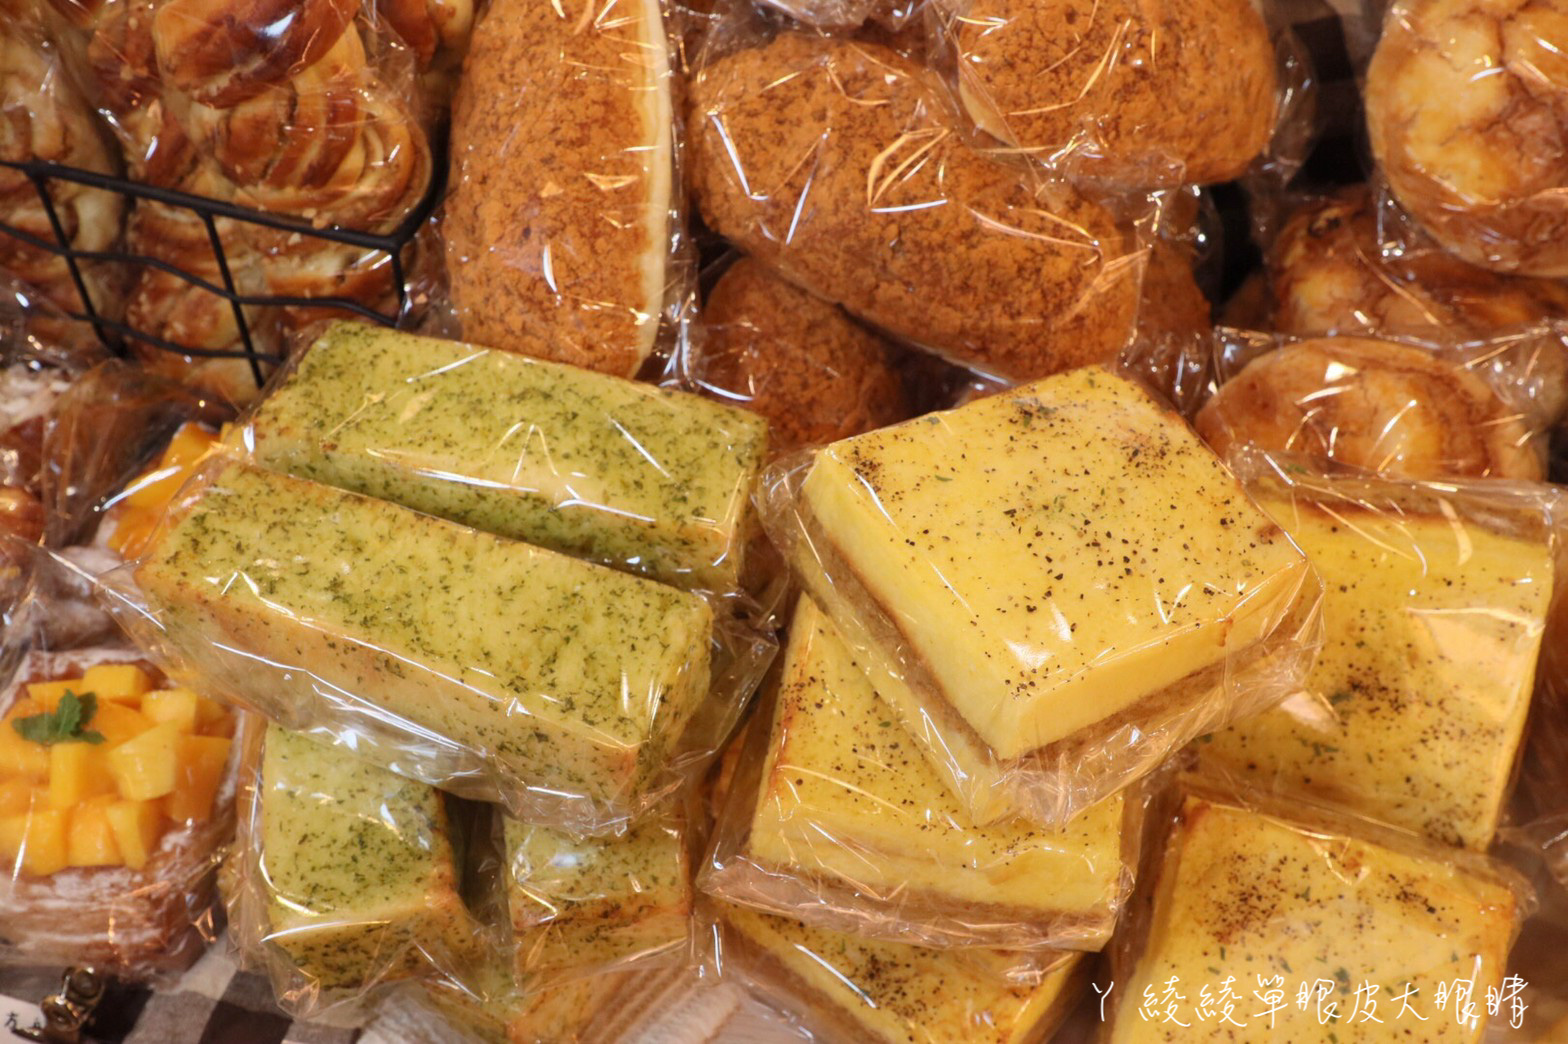 新竹麵包推薦拉凡德手作烘焙坊!西瓜吐司超吸睛、甜點蛋糕CP值爆高!中秋節月餅禮盒限量販售